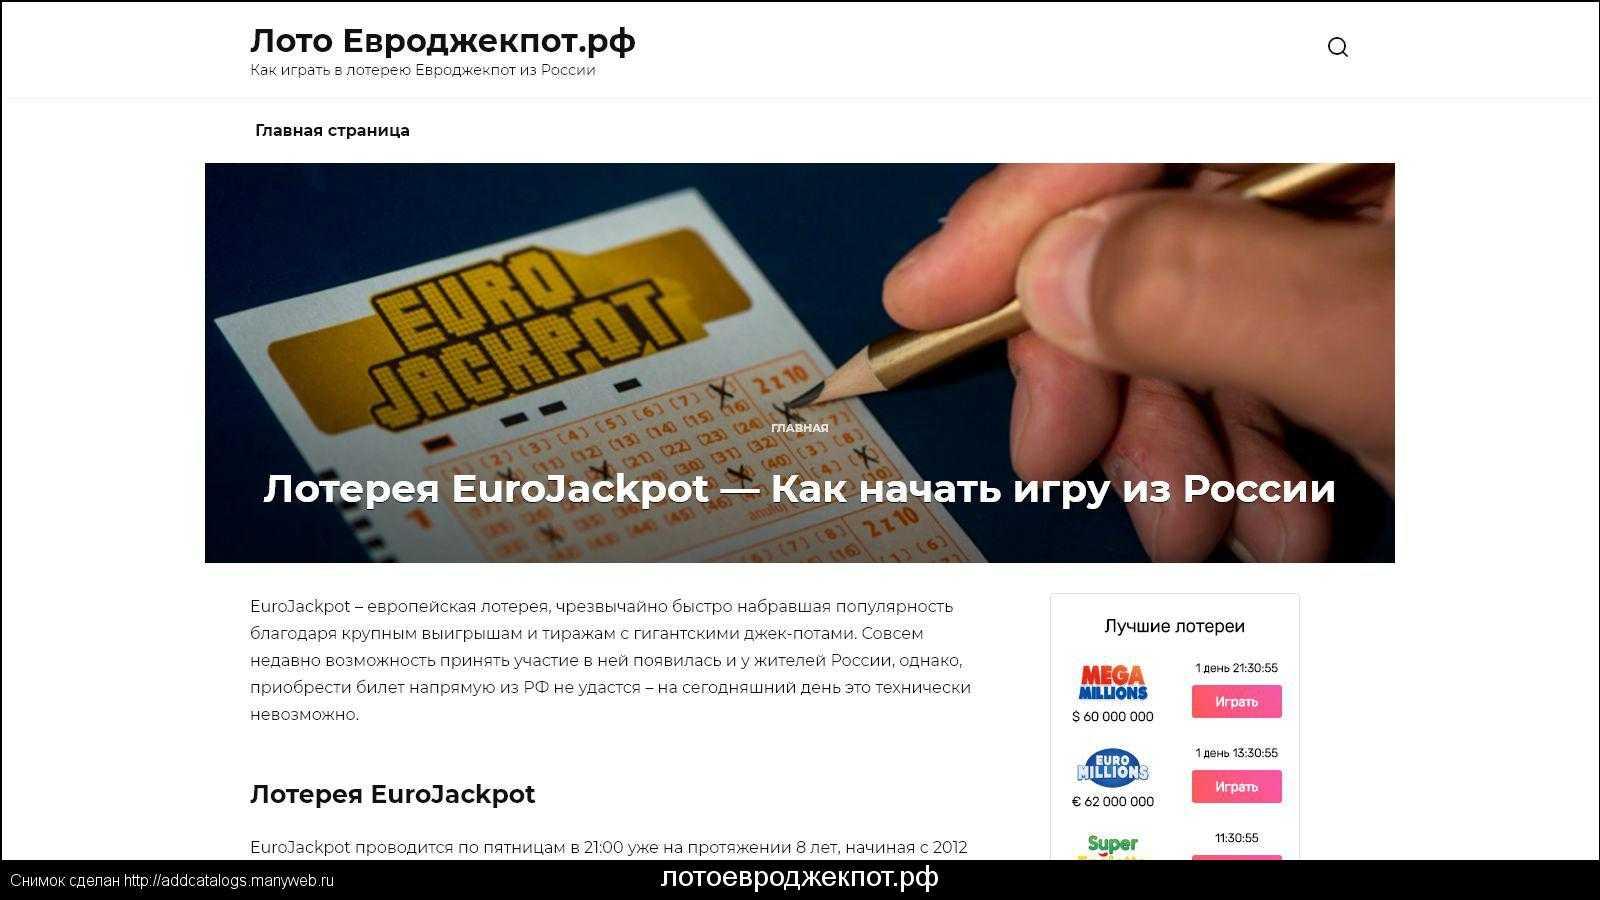 Eurojackpot | أكبر يانصيب رسمي في أوروبا